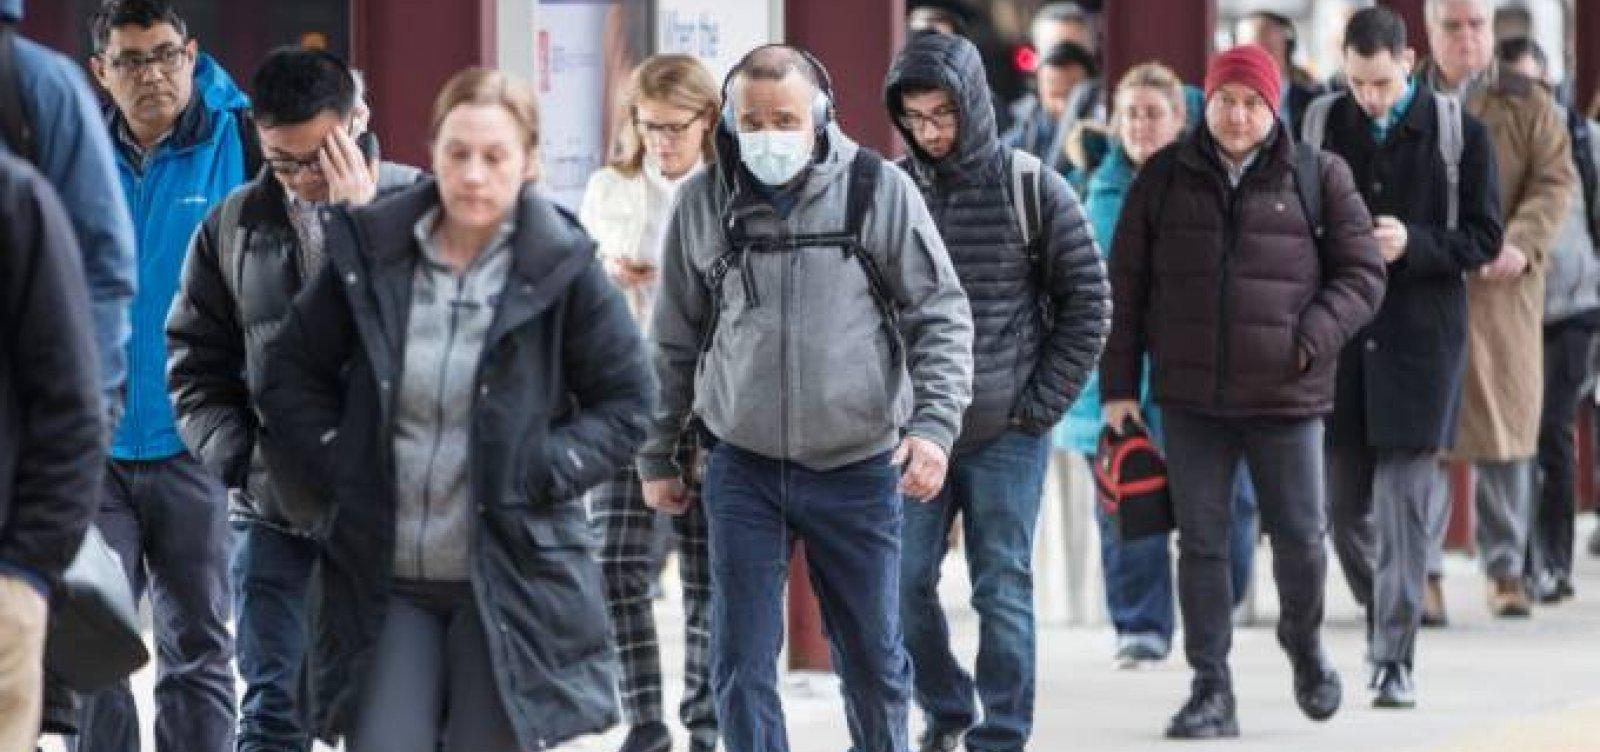 [Sem isolamento e ações contra a Covid-19, Brasil pode ter até 1 milhão de mortes na pandemia, diz estudo]